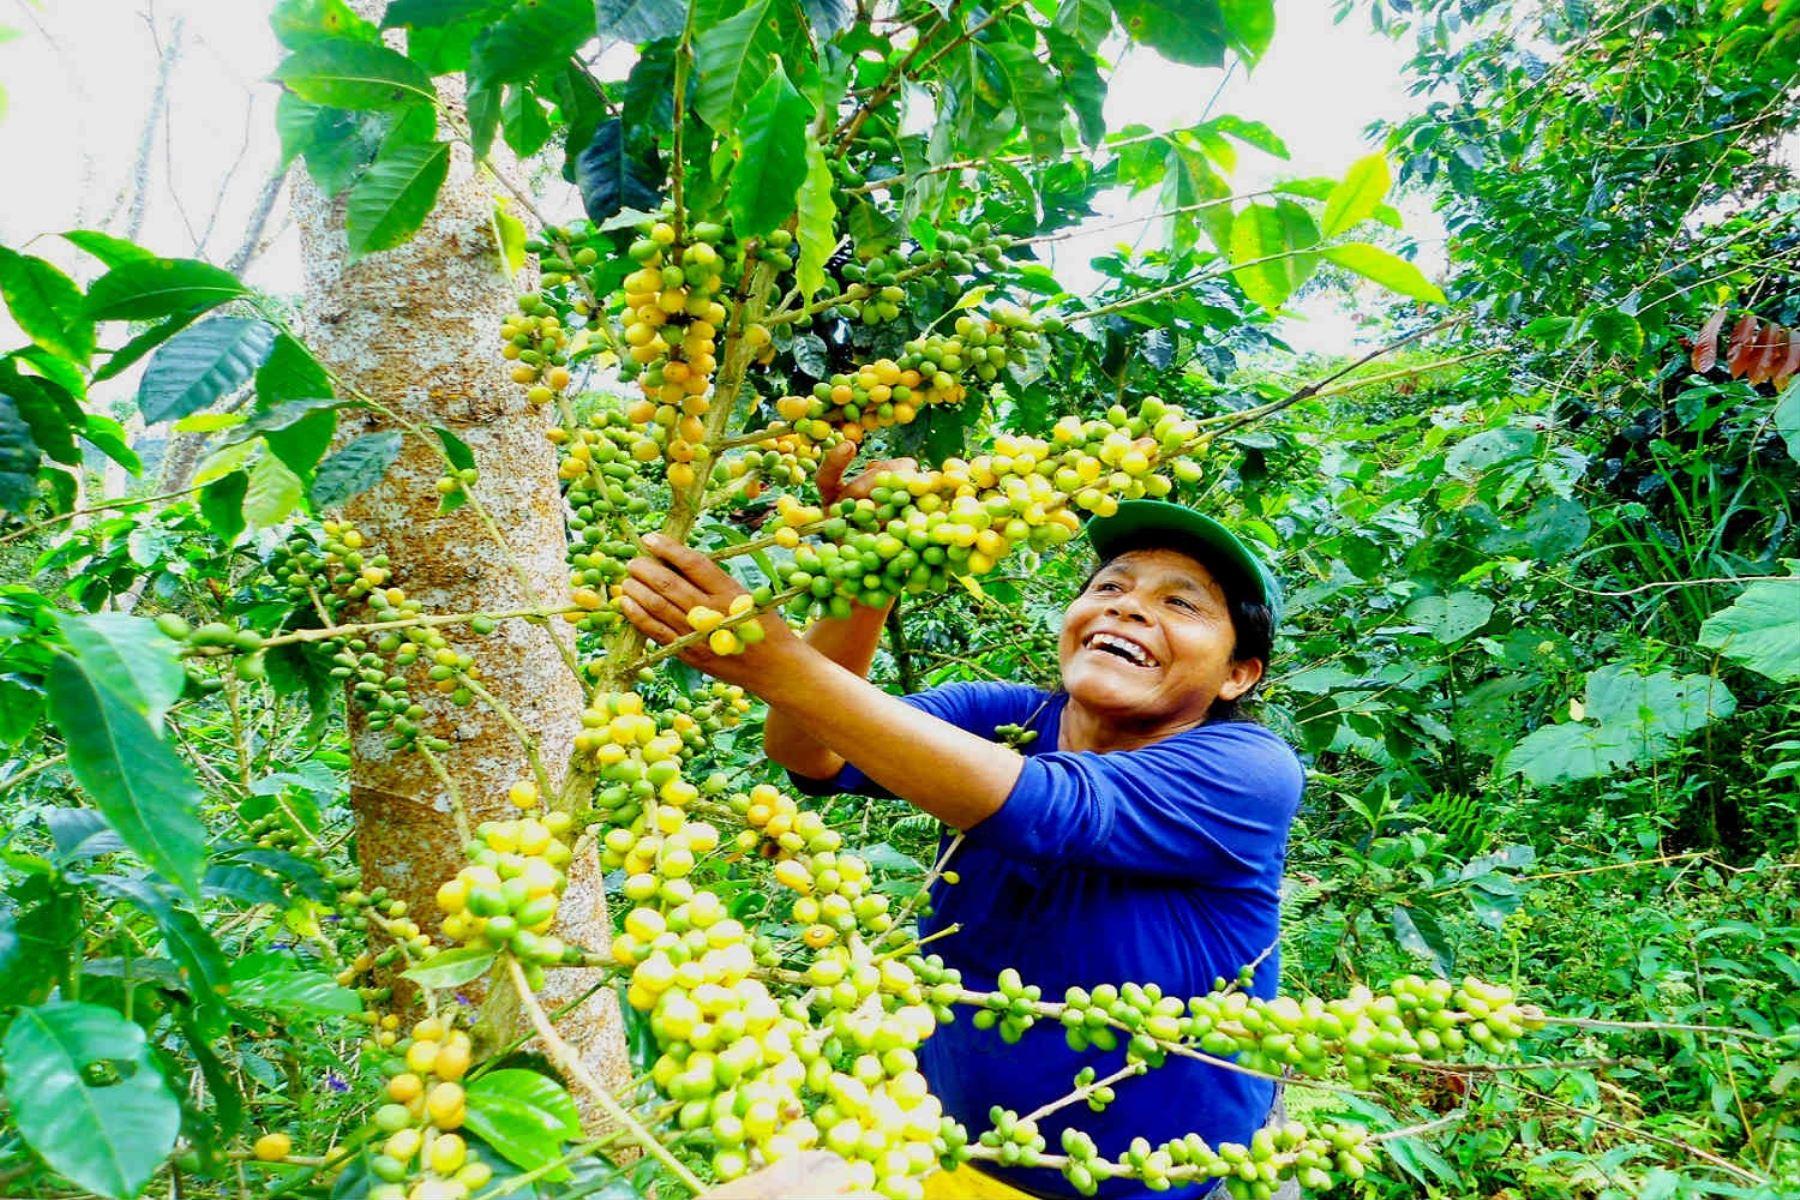 Agro Rural impulsa proyecto para sacar de la pobreza a 51,000 familias del Vraem. ANDINA/Difusión